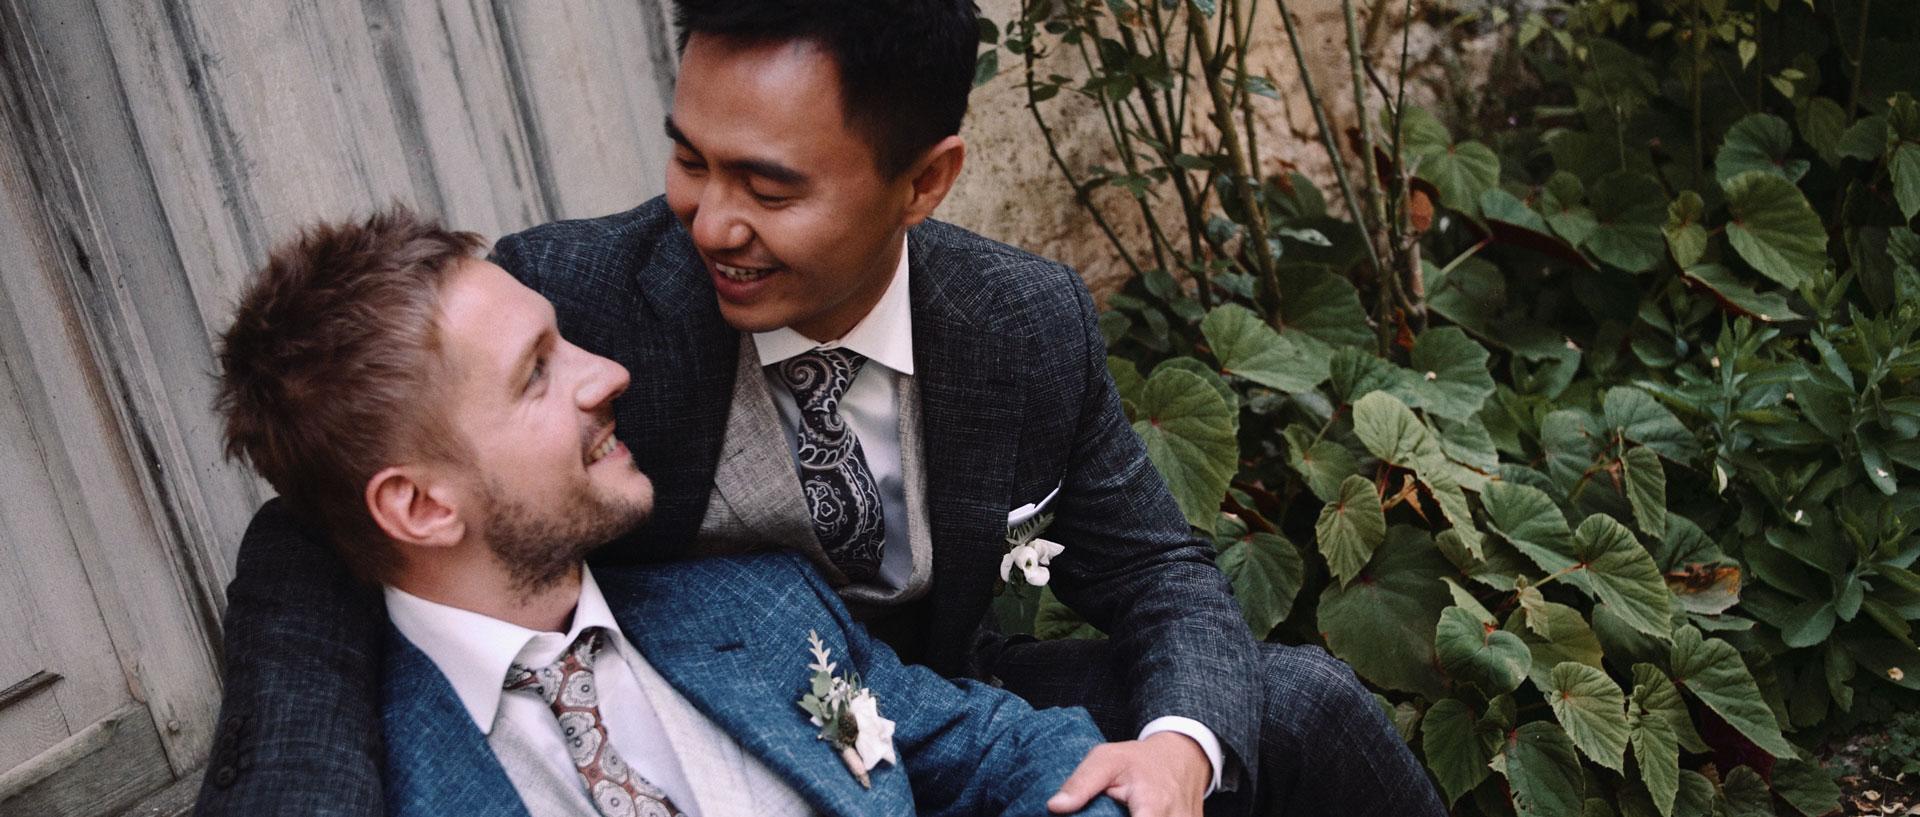 Sam-&-David---Wedding-Film.00_04_27_20.jpg